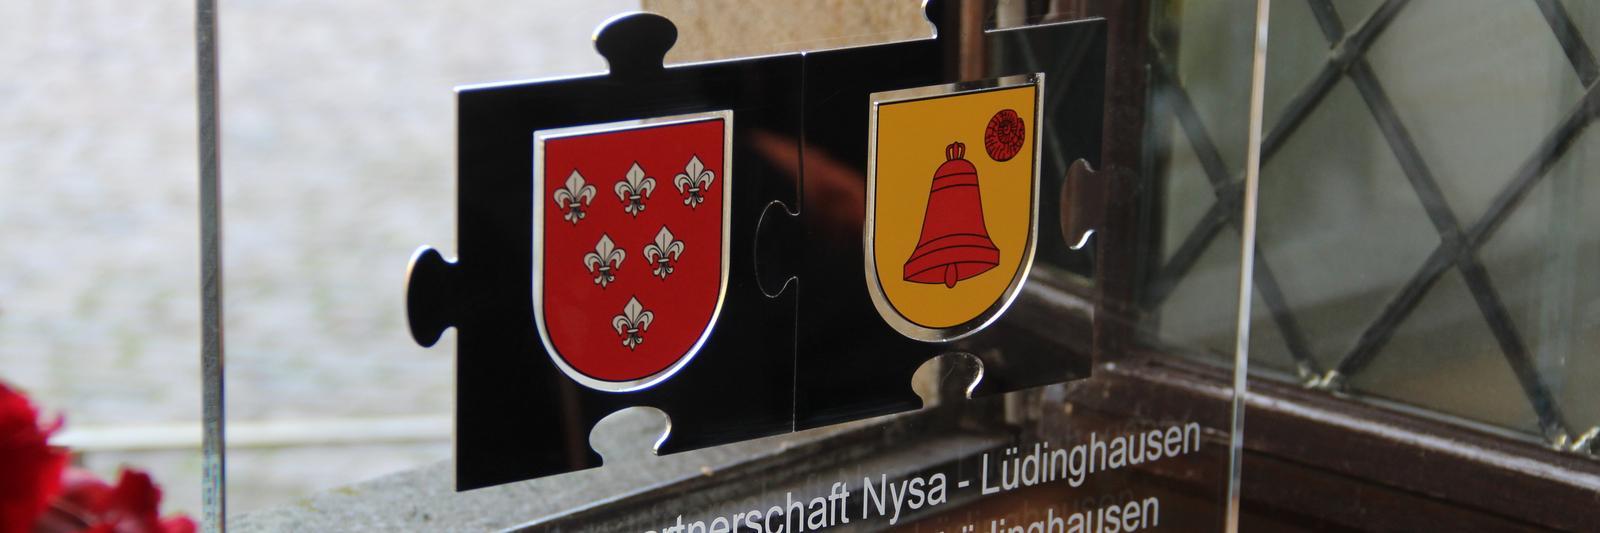 Nysa in Polen